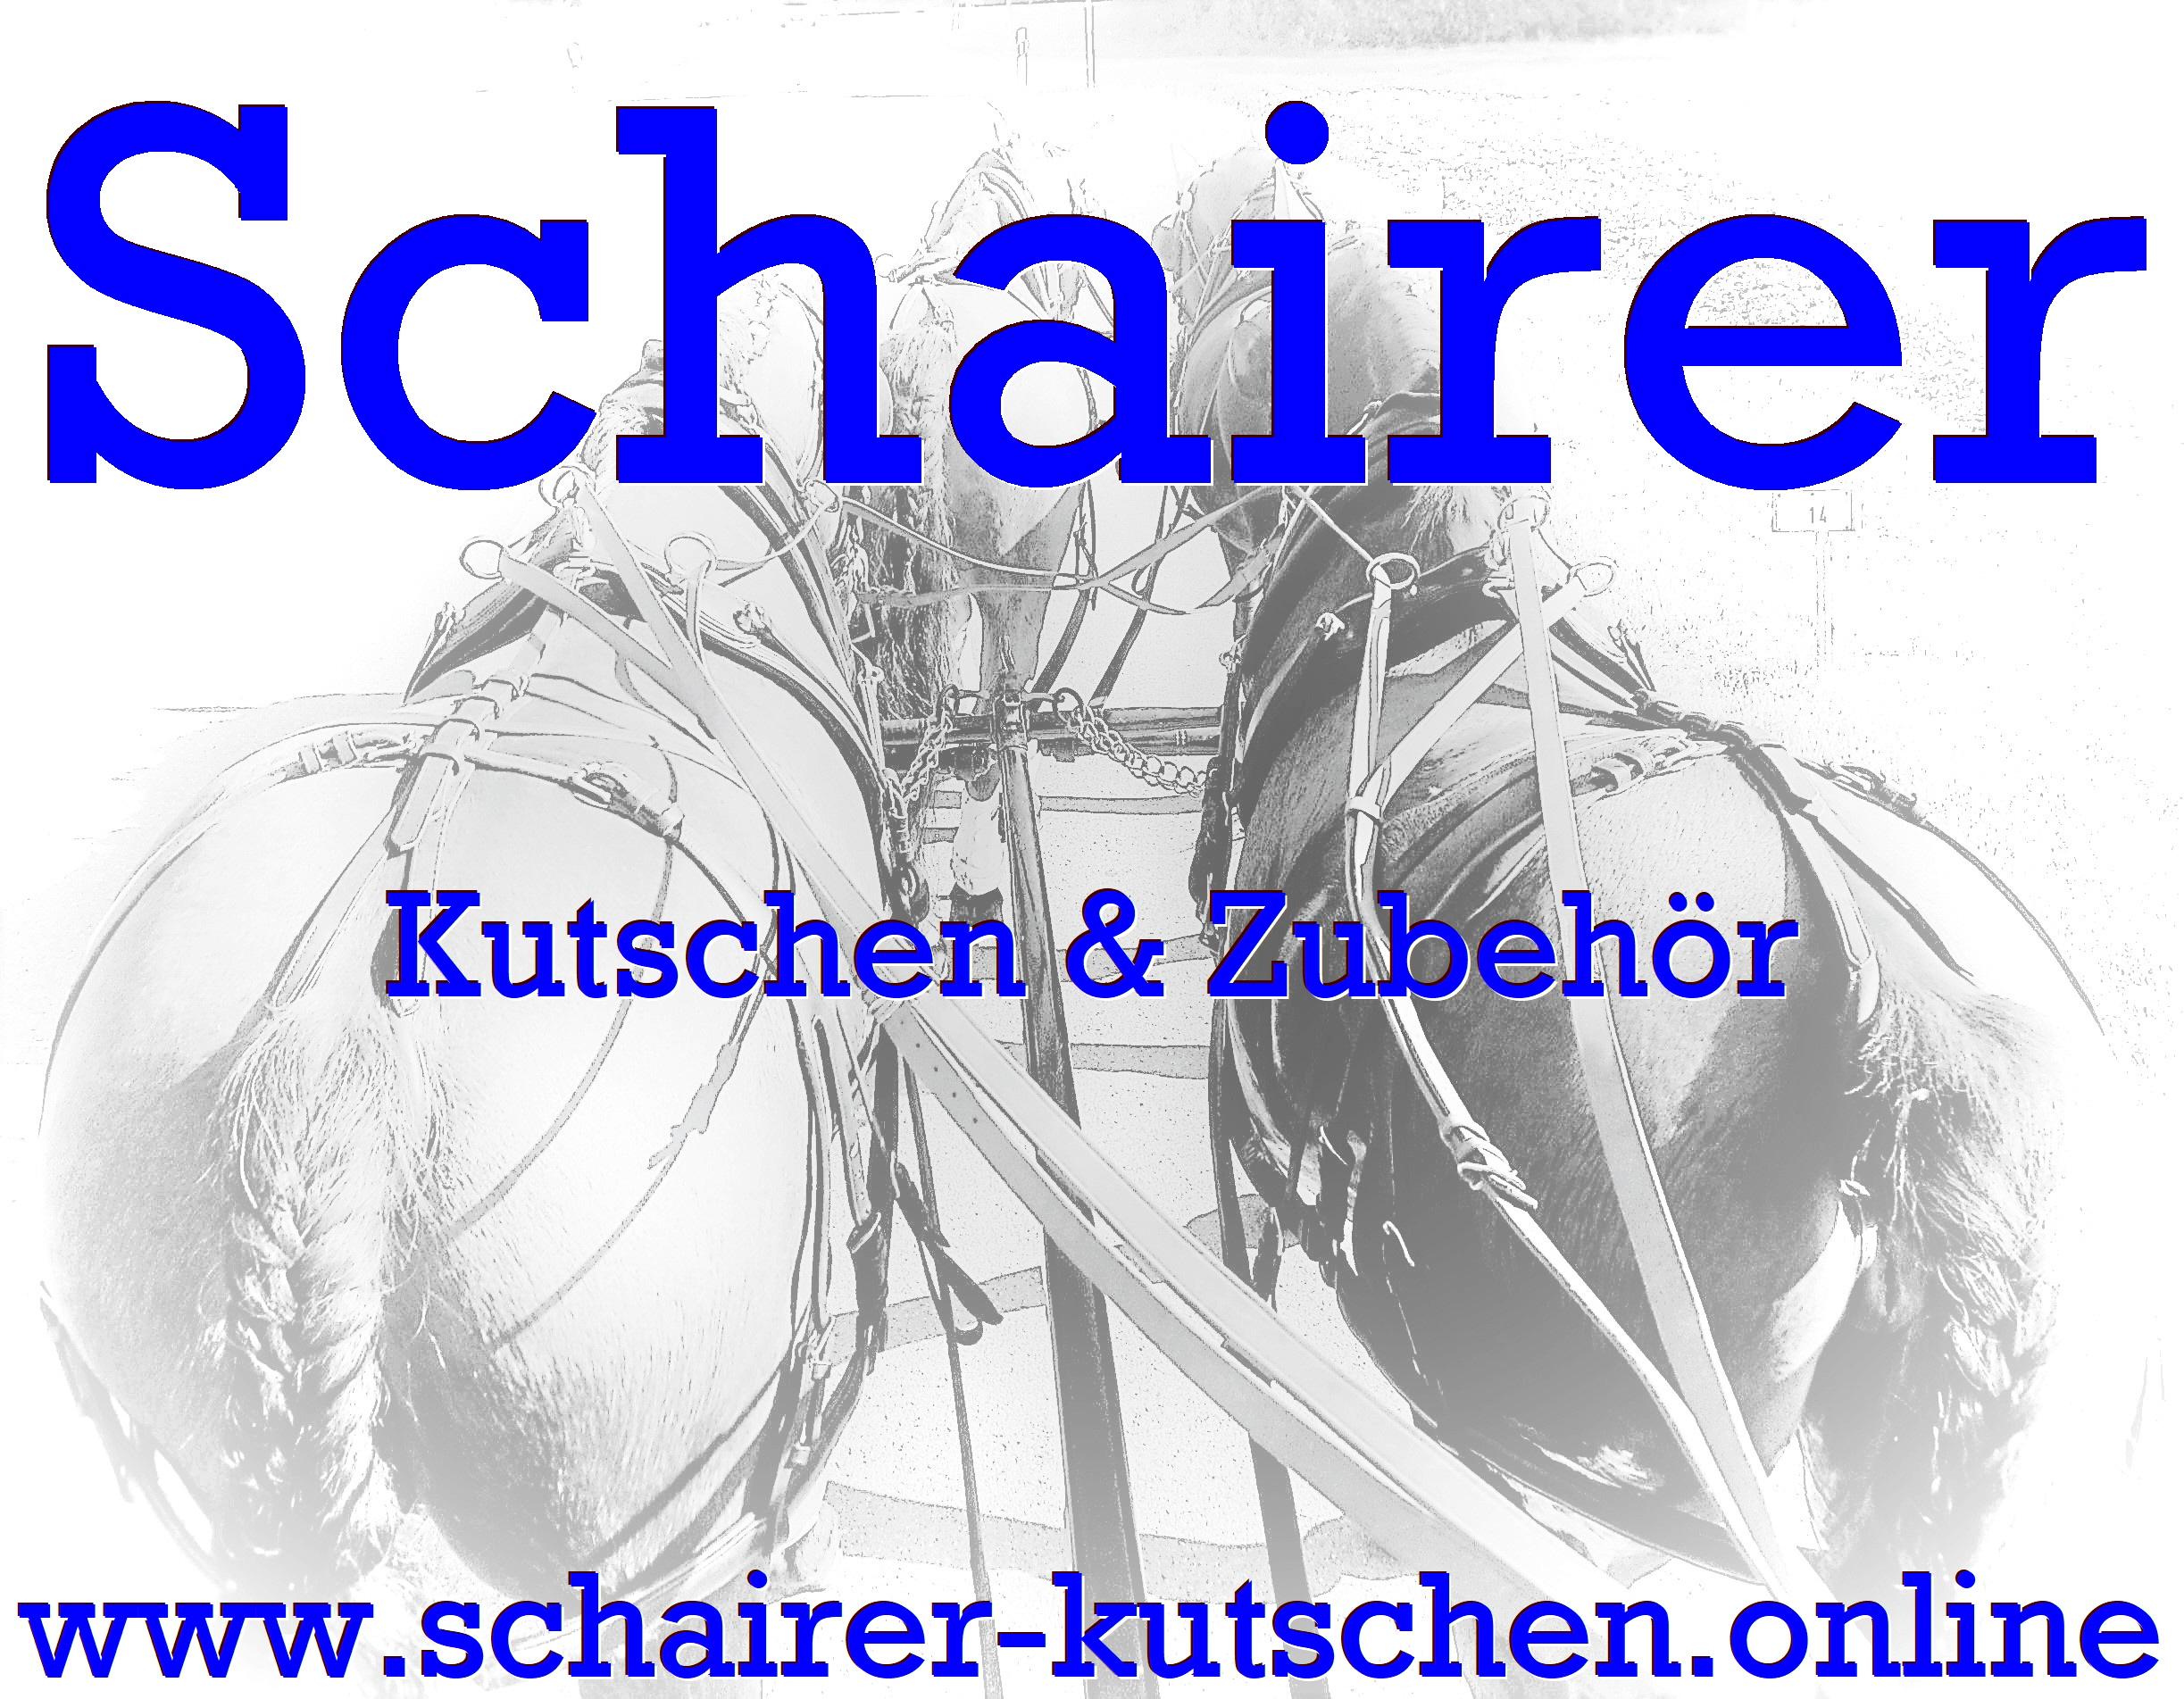 Schairer Kutschen & Zubehör